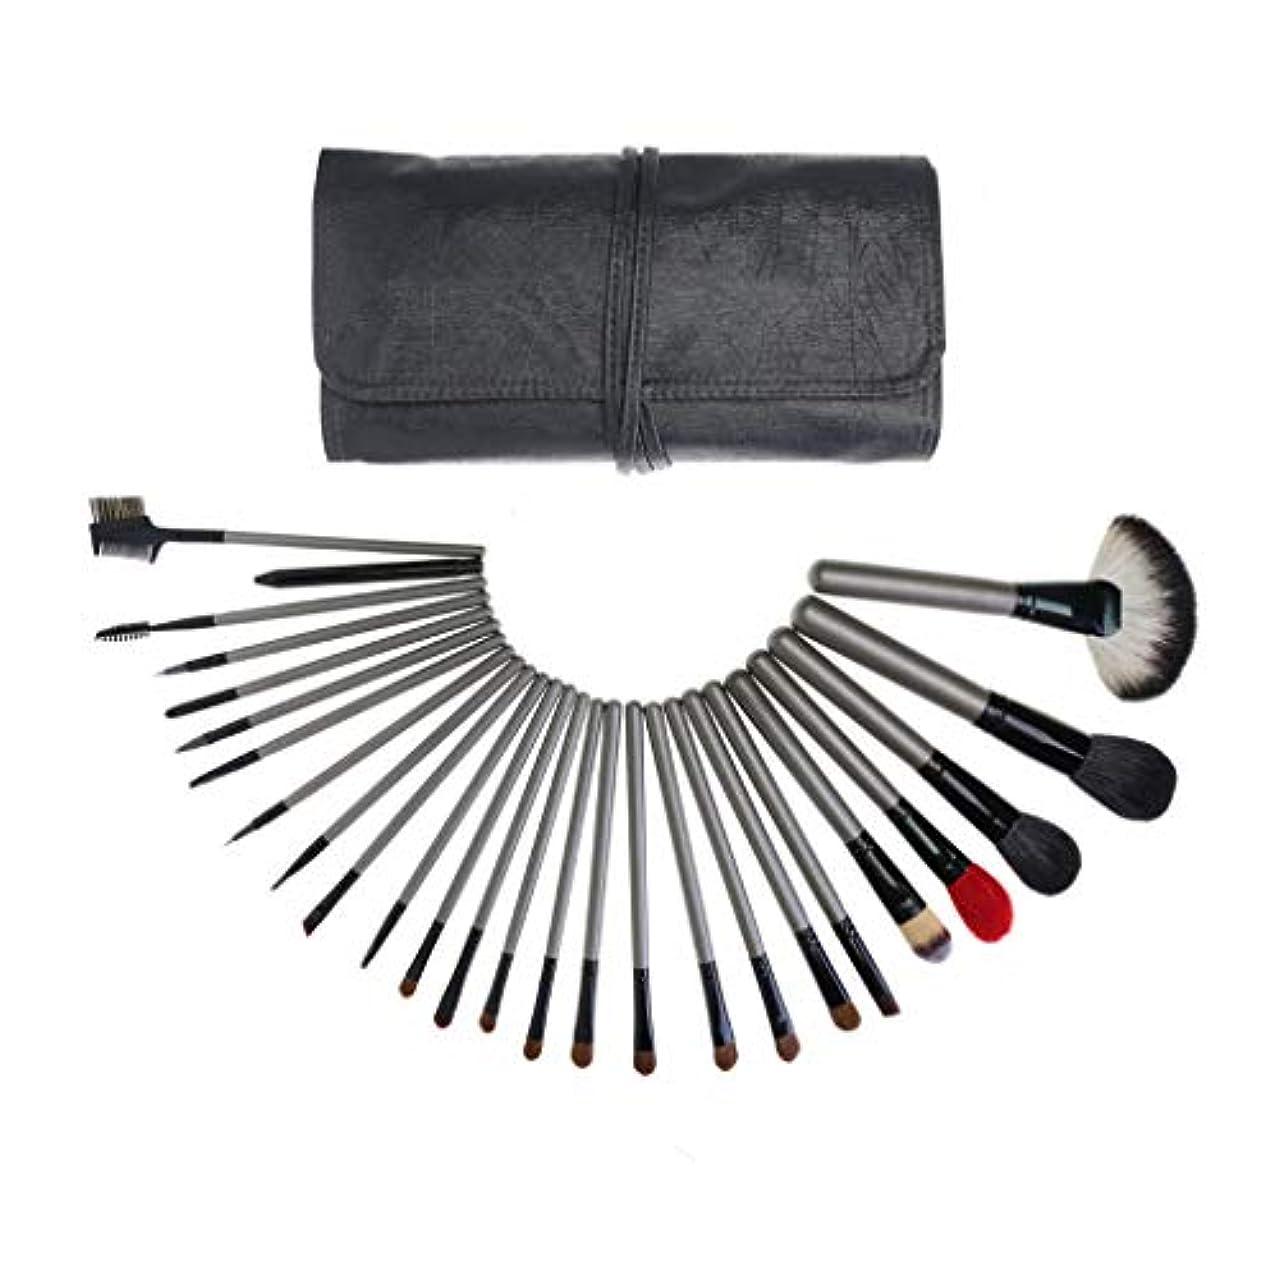 貼り直すモバイル緩やかな初心者のための26の化粧ブラシセット美容ツール